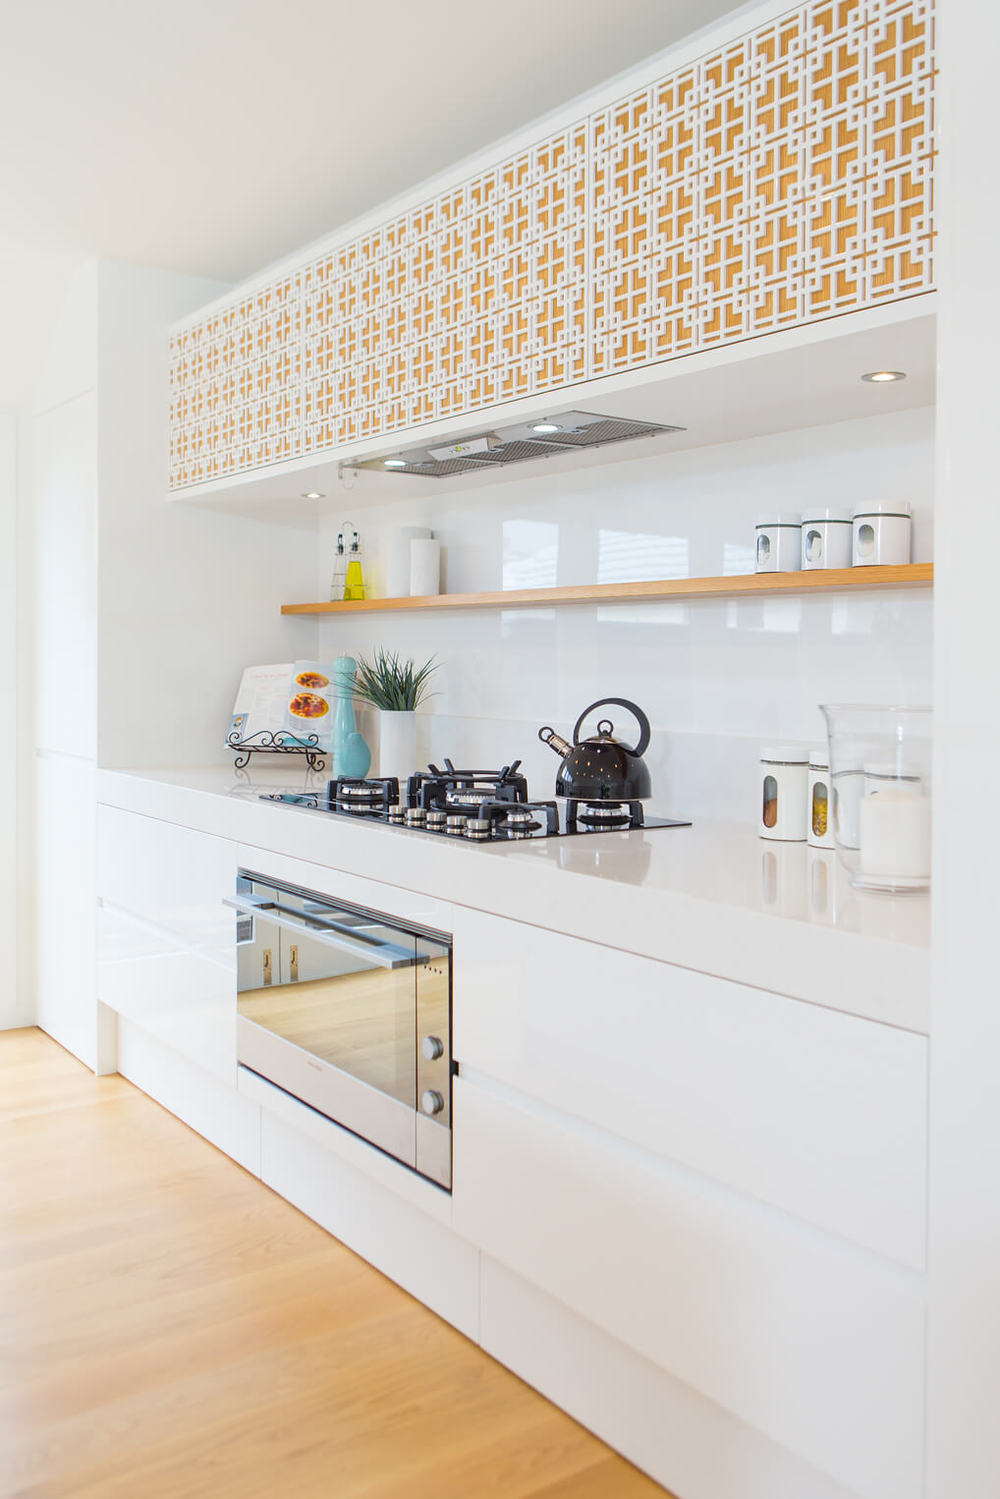 Robertson Kitchen Heretaunga 06.jpg